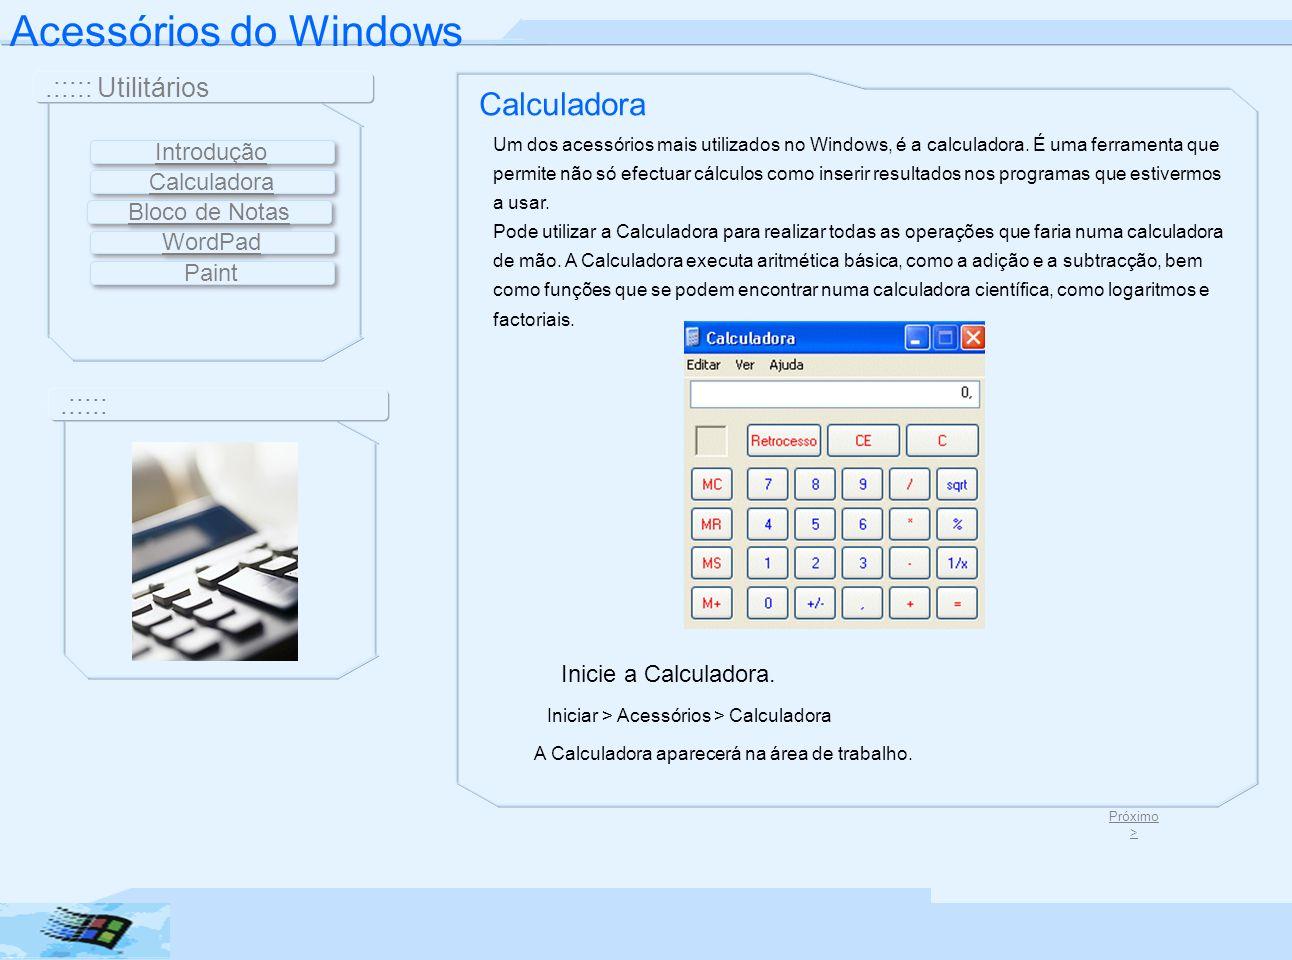 Acessórios do Windows.::::: Utilitários Instruções Site 1 e 2: Escolhe um desenho a teu gosto e tenta fazer igual no paint.